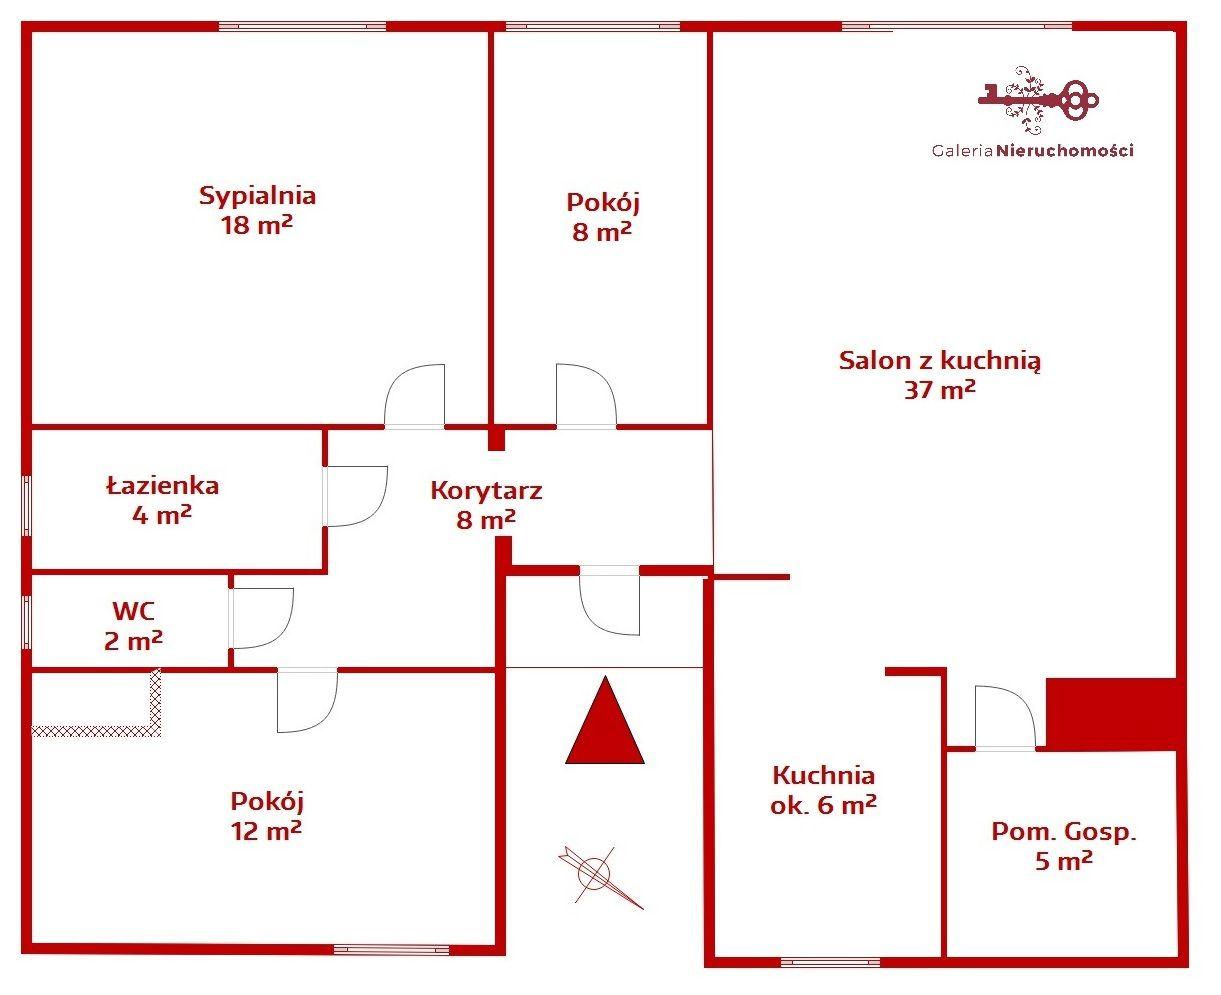 Wygodny Uklad Pomieszczen Okna Na Dwie Strony Swiata Plan Mieszkania 91 M2 Line Chart Diagram Floor Plans